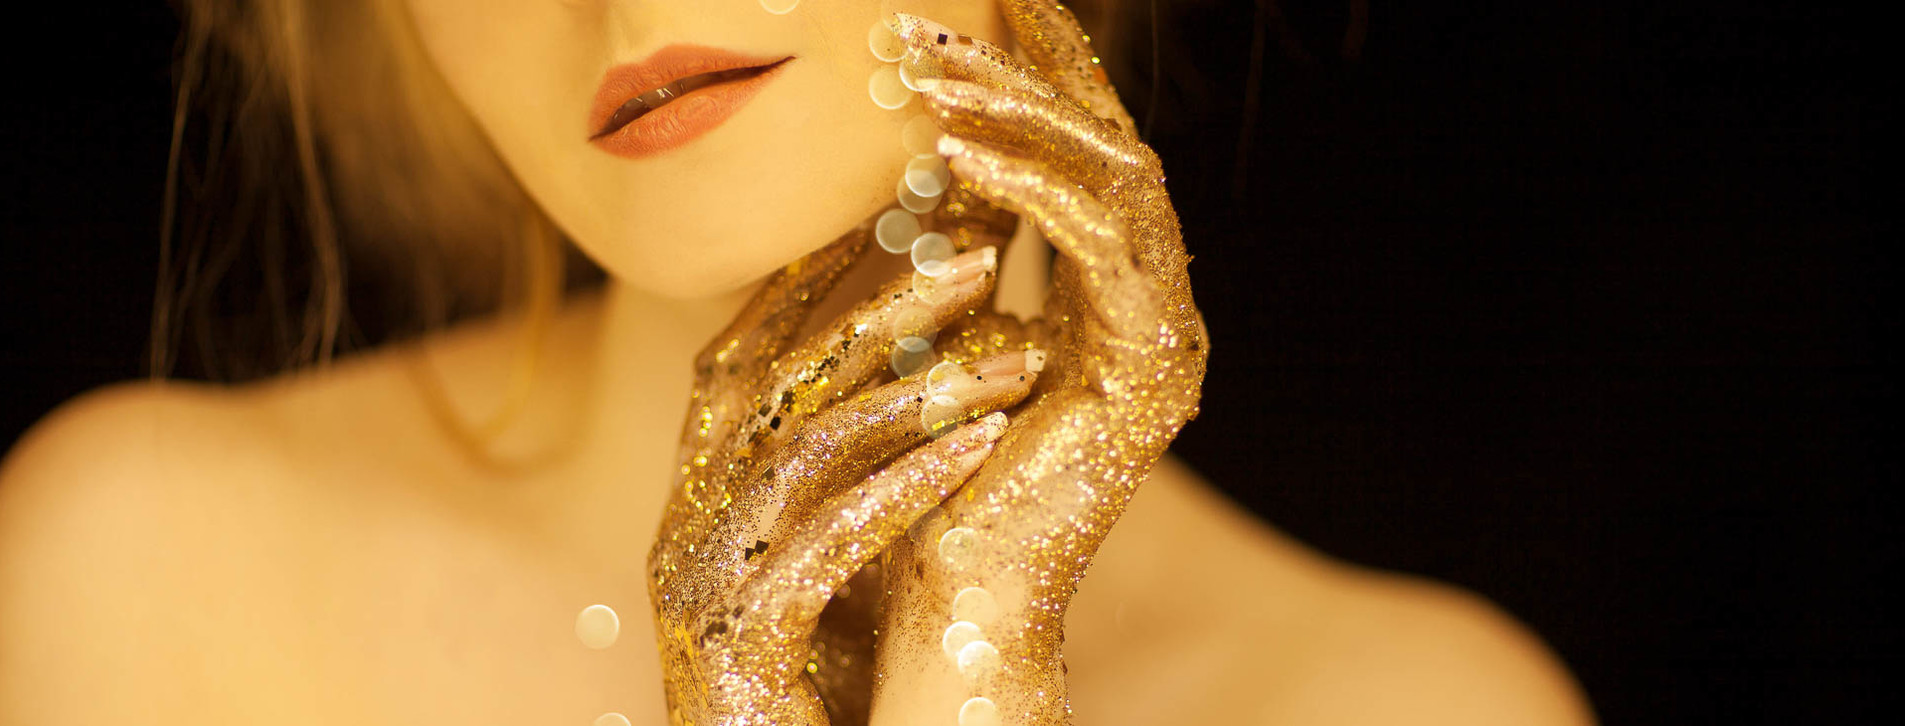 Фото 1 - Масаж із золотом